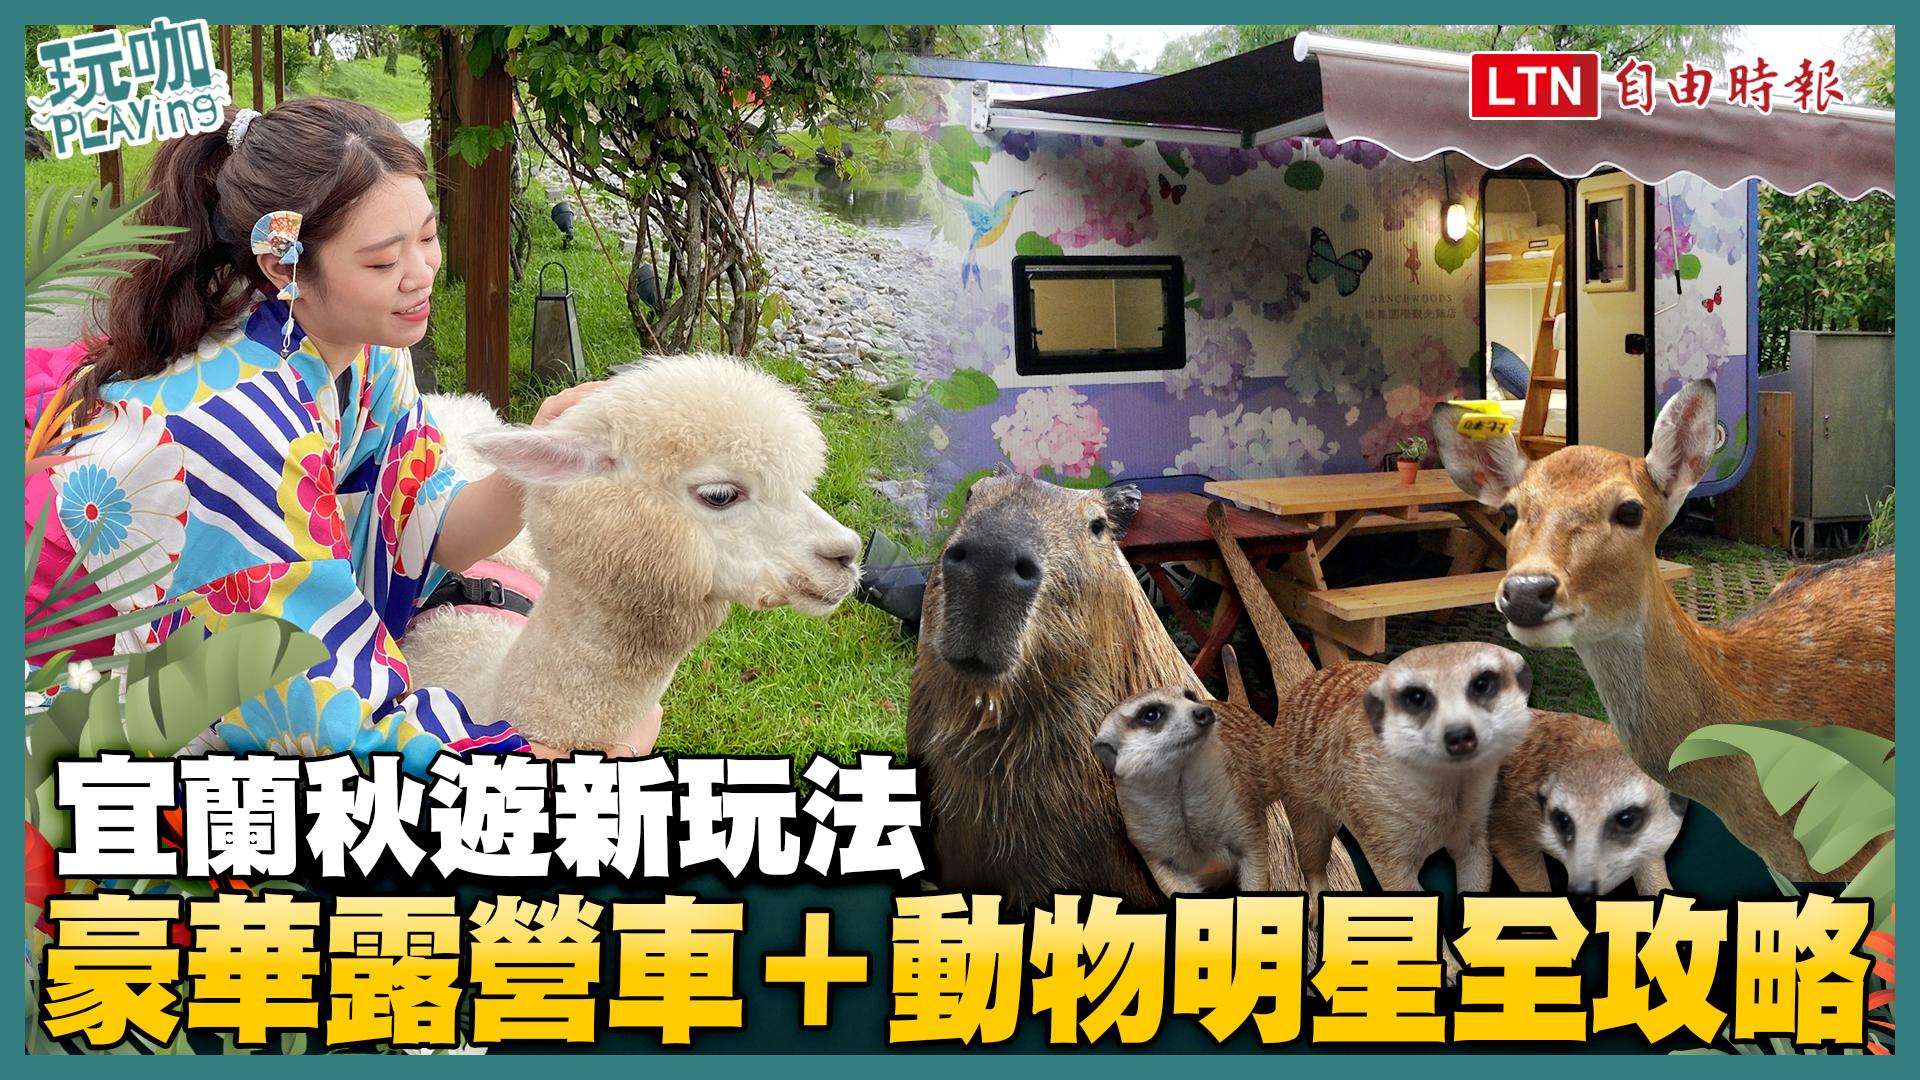 宜蘭秋遊新玩法 豪華露營車+動物明星全攻略